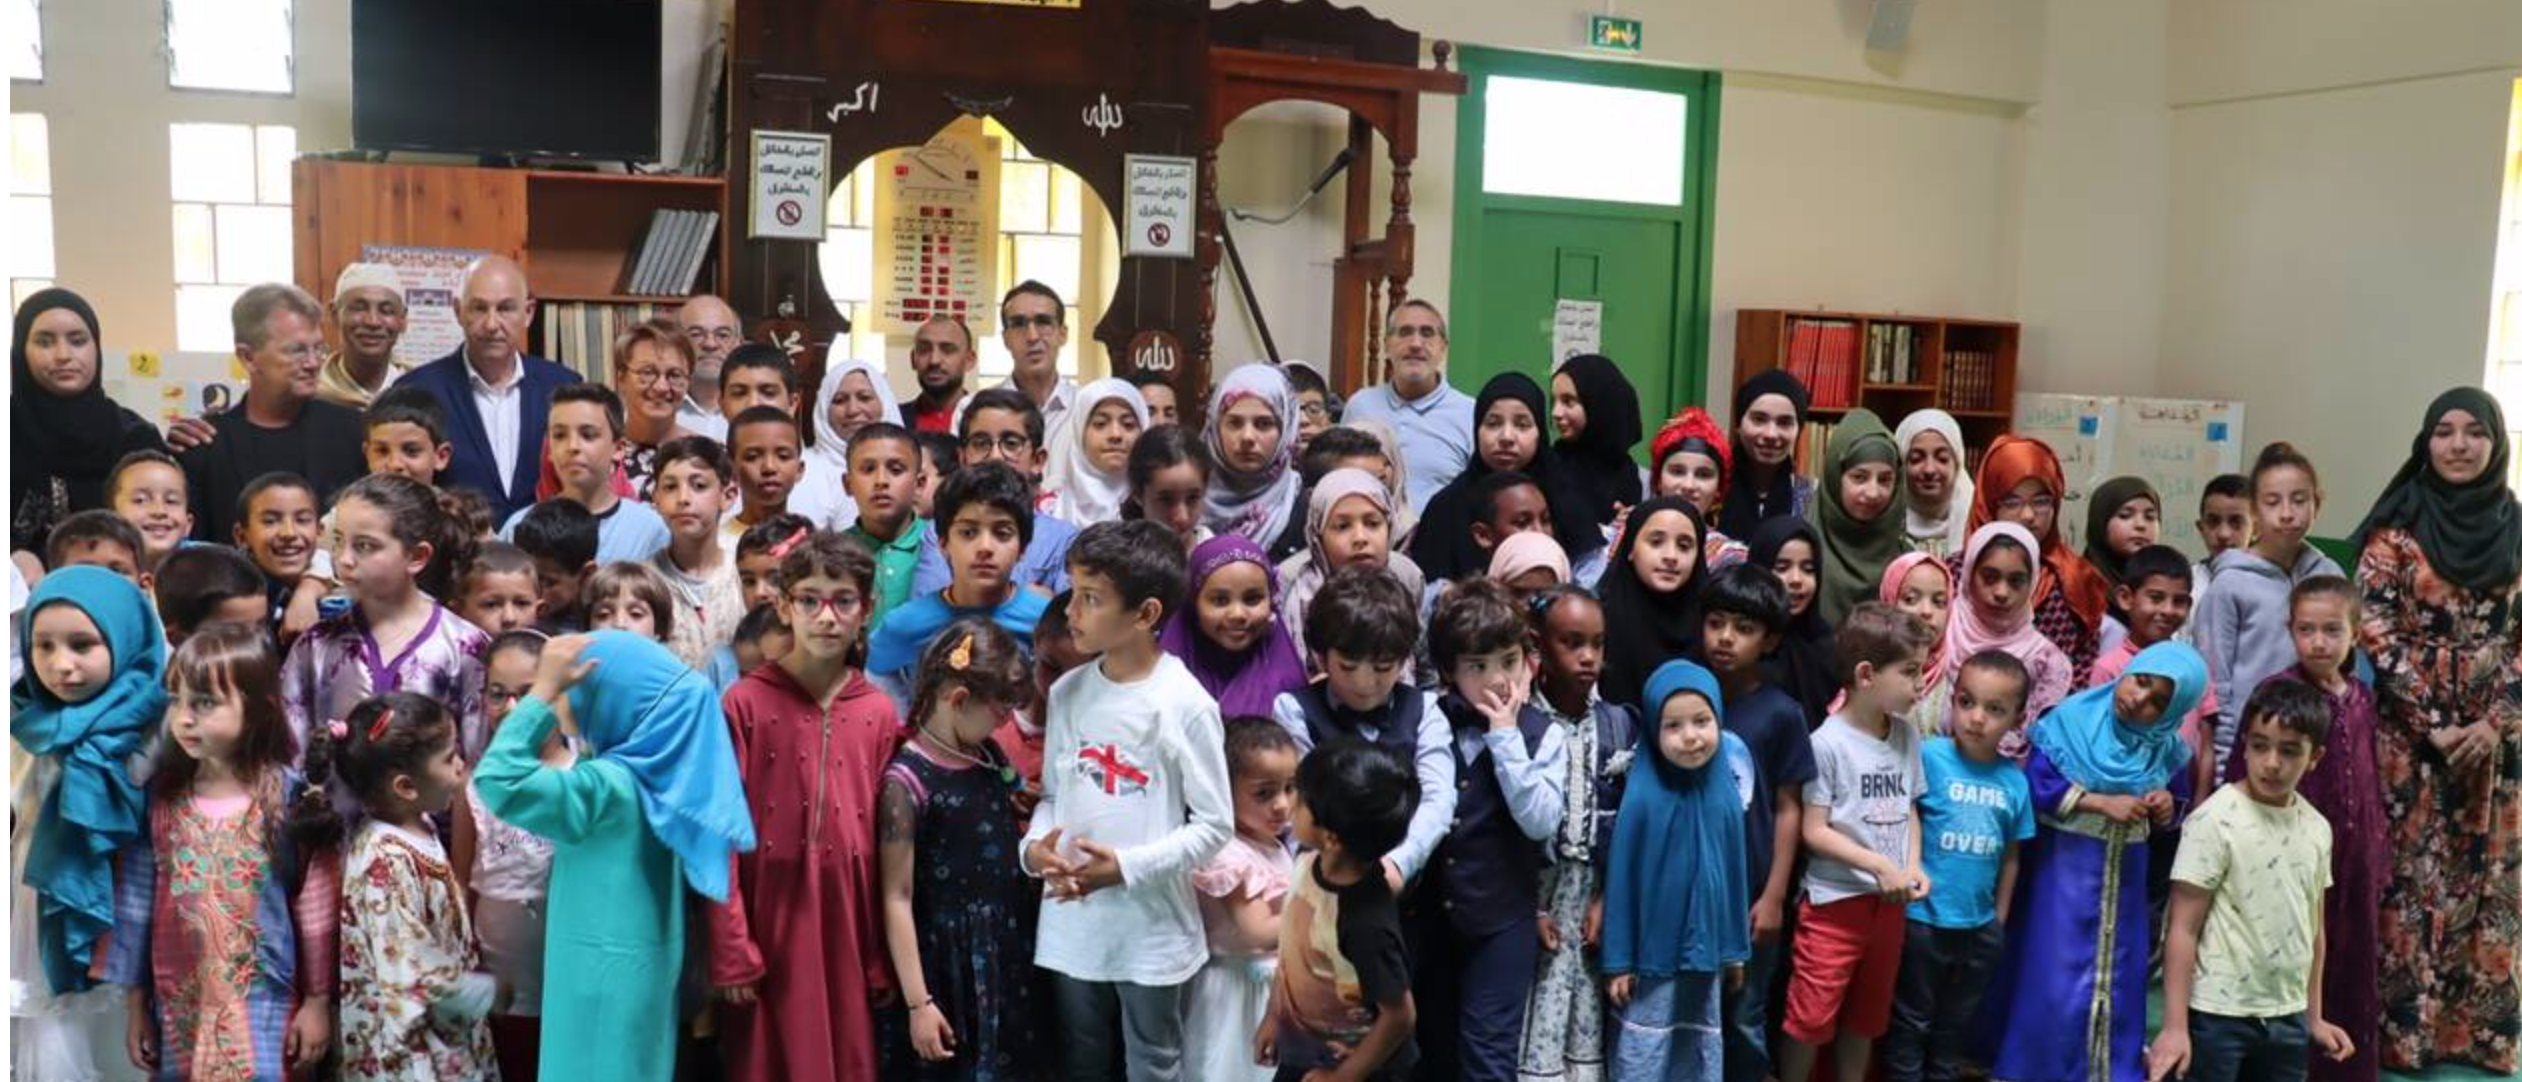 430 000 euros pour la rénovation de la mosquée de Rennes : la loi de 1905,  Appéré  s'en branle